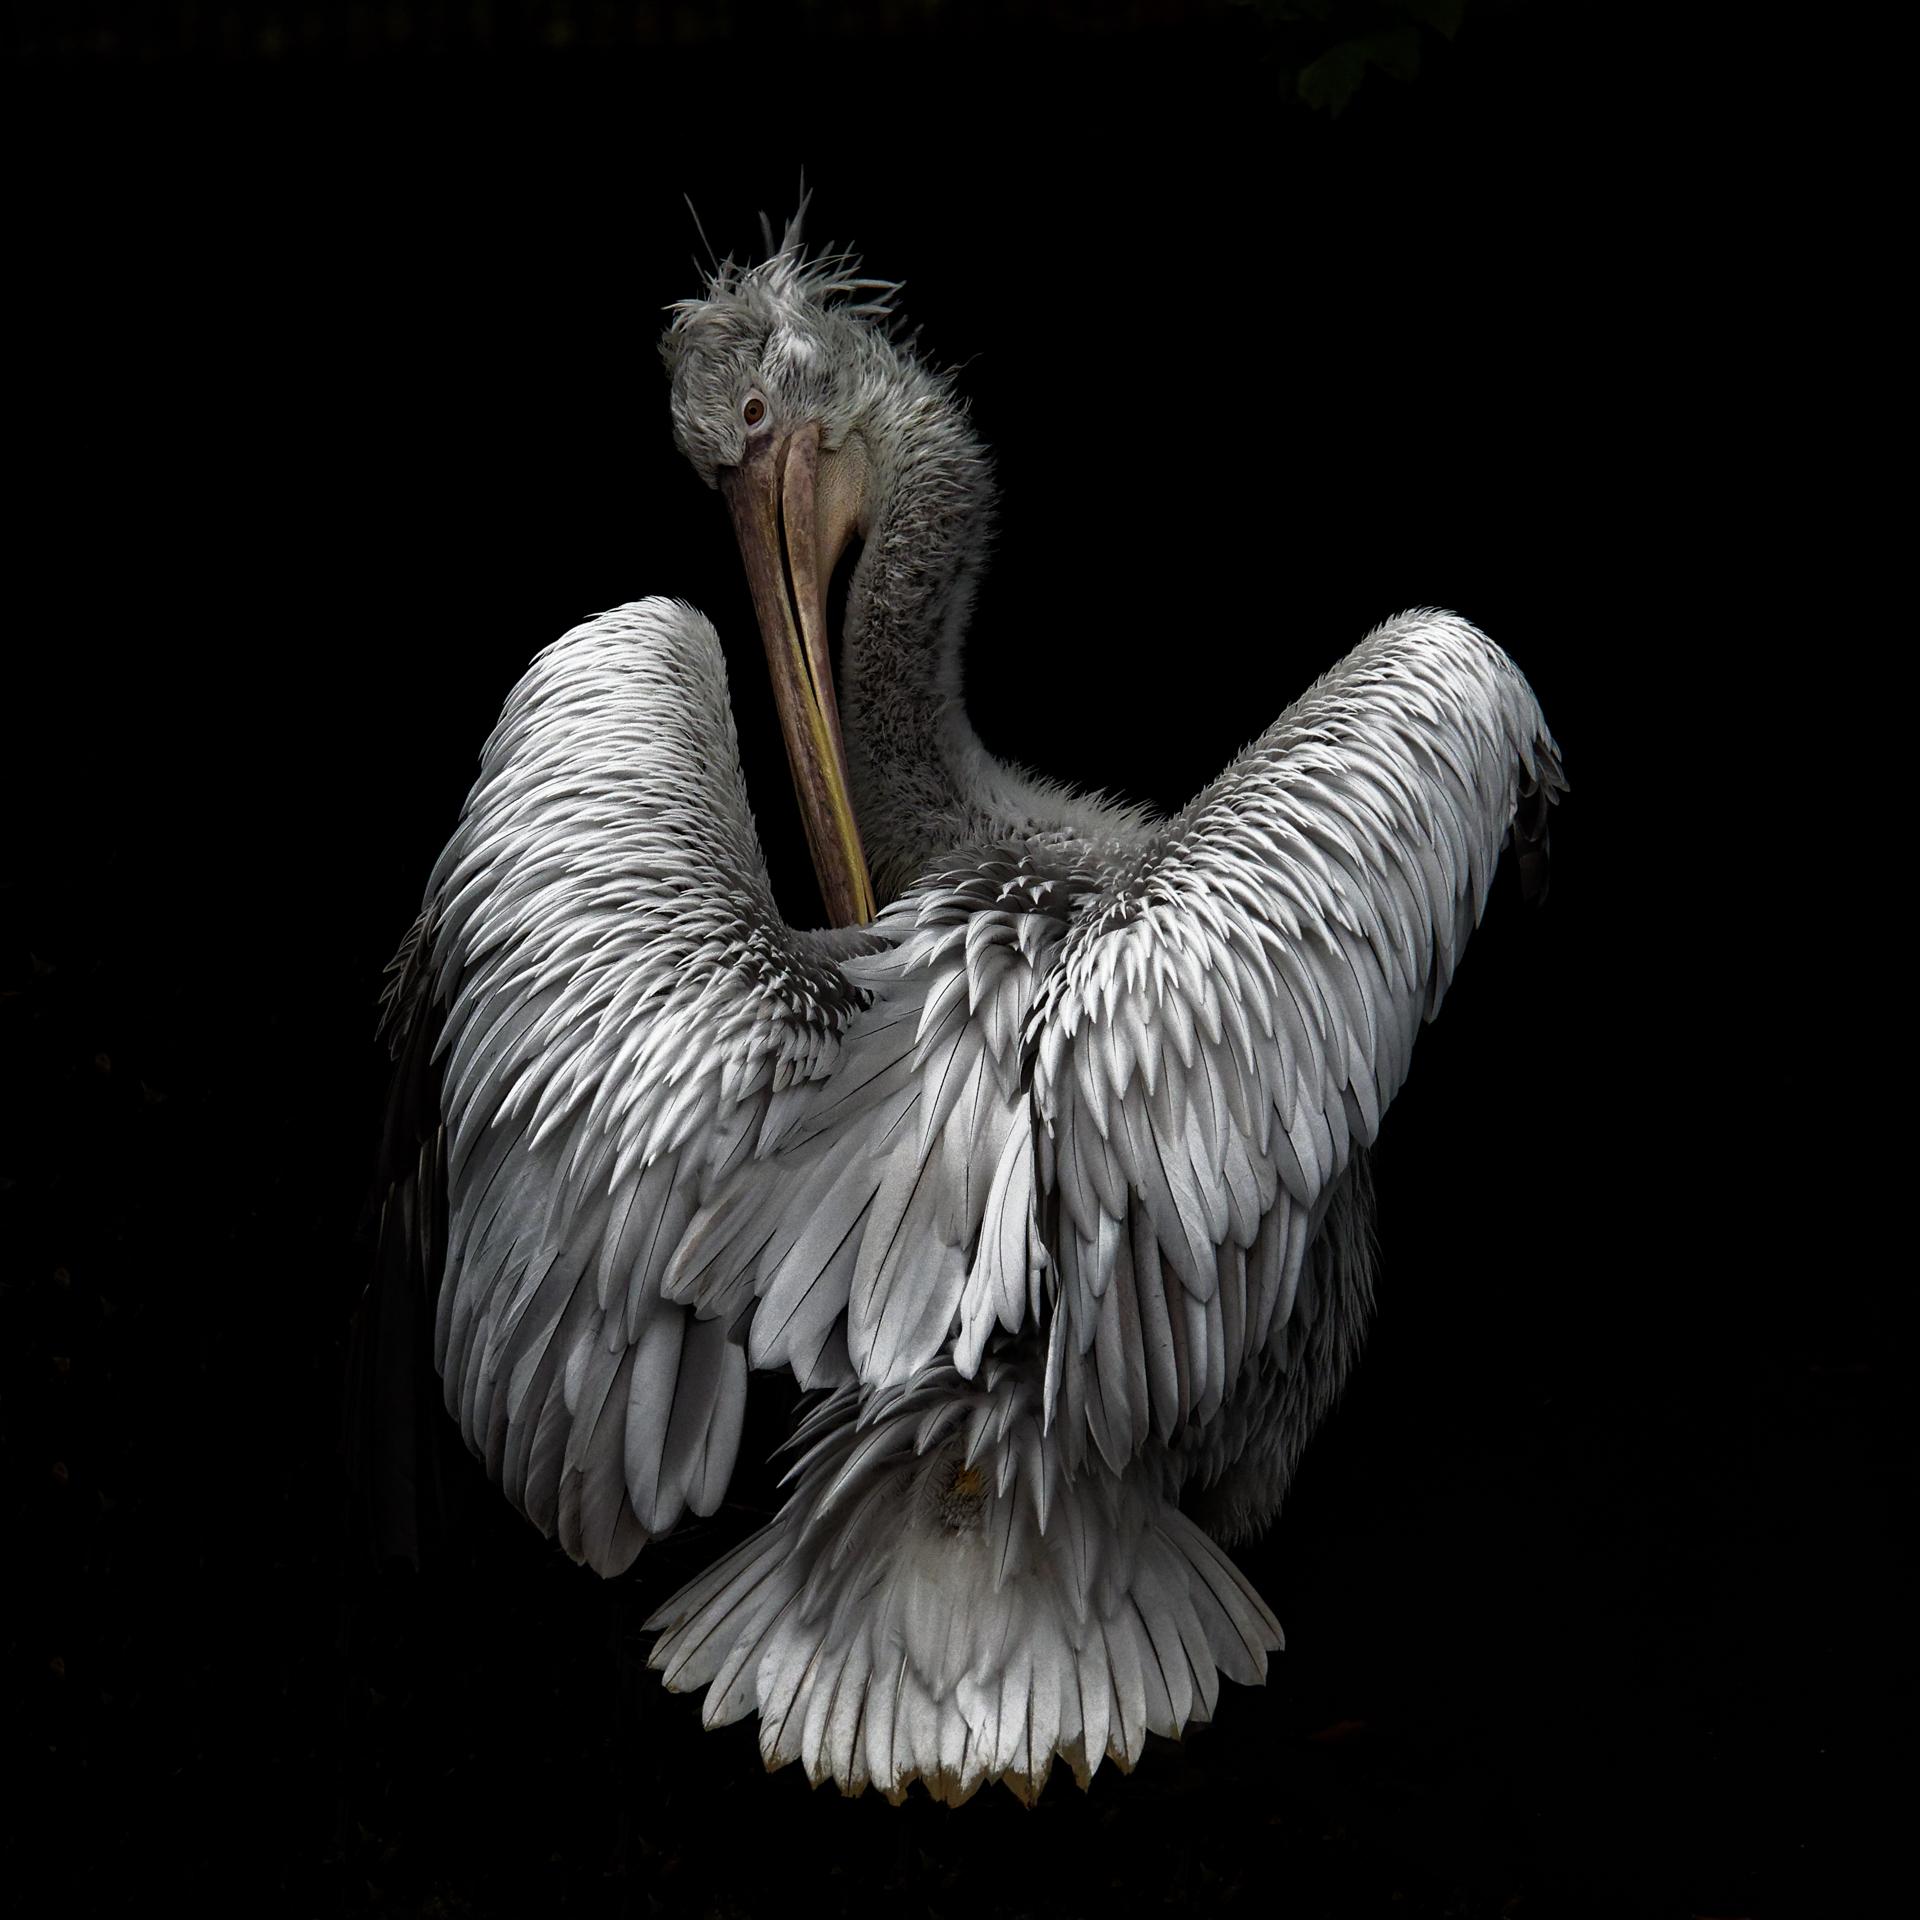 Pelican - Alain CORNUT-GENTILLE